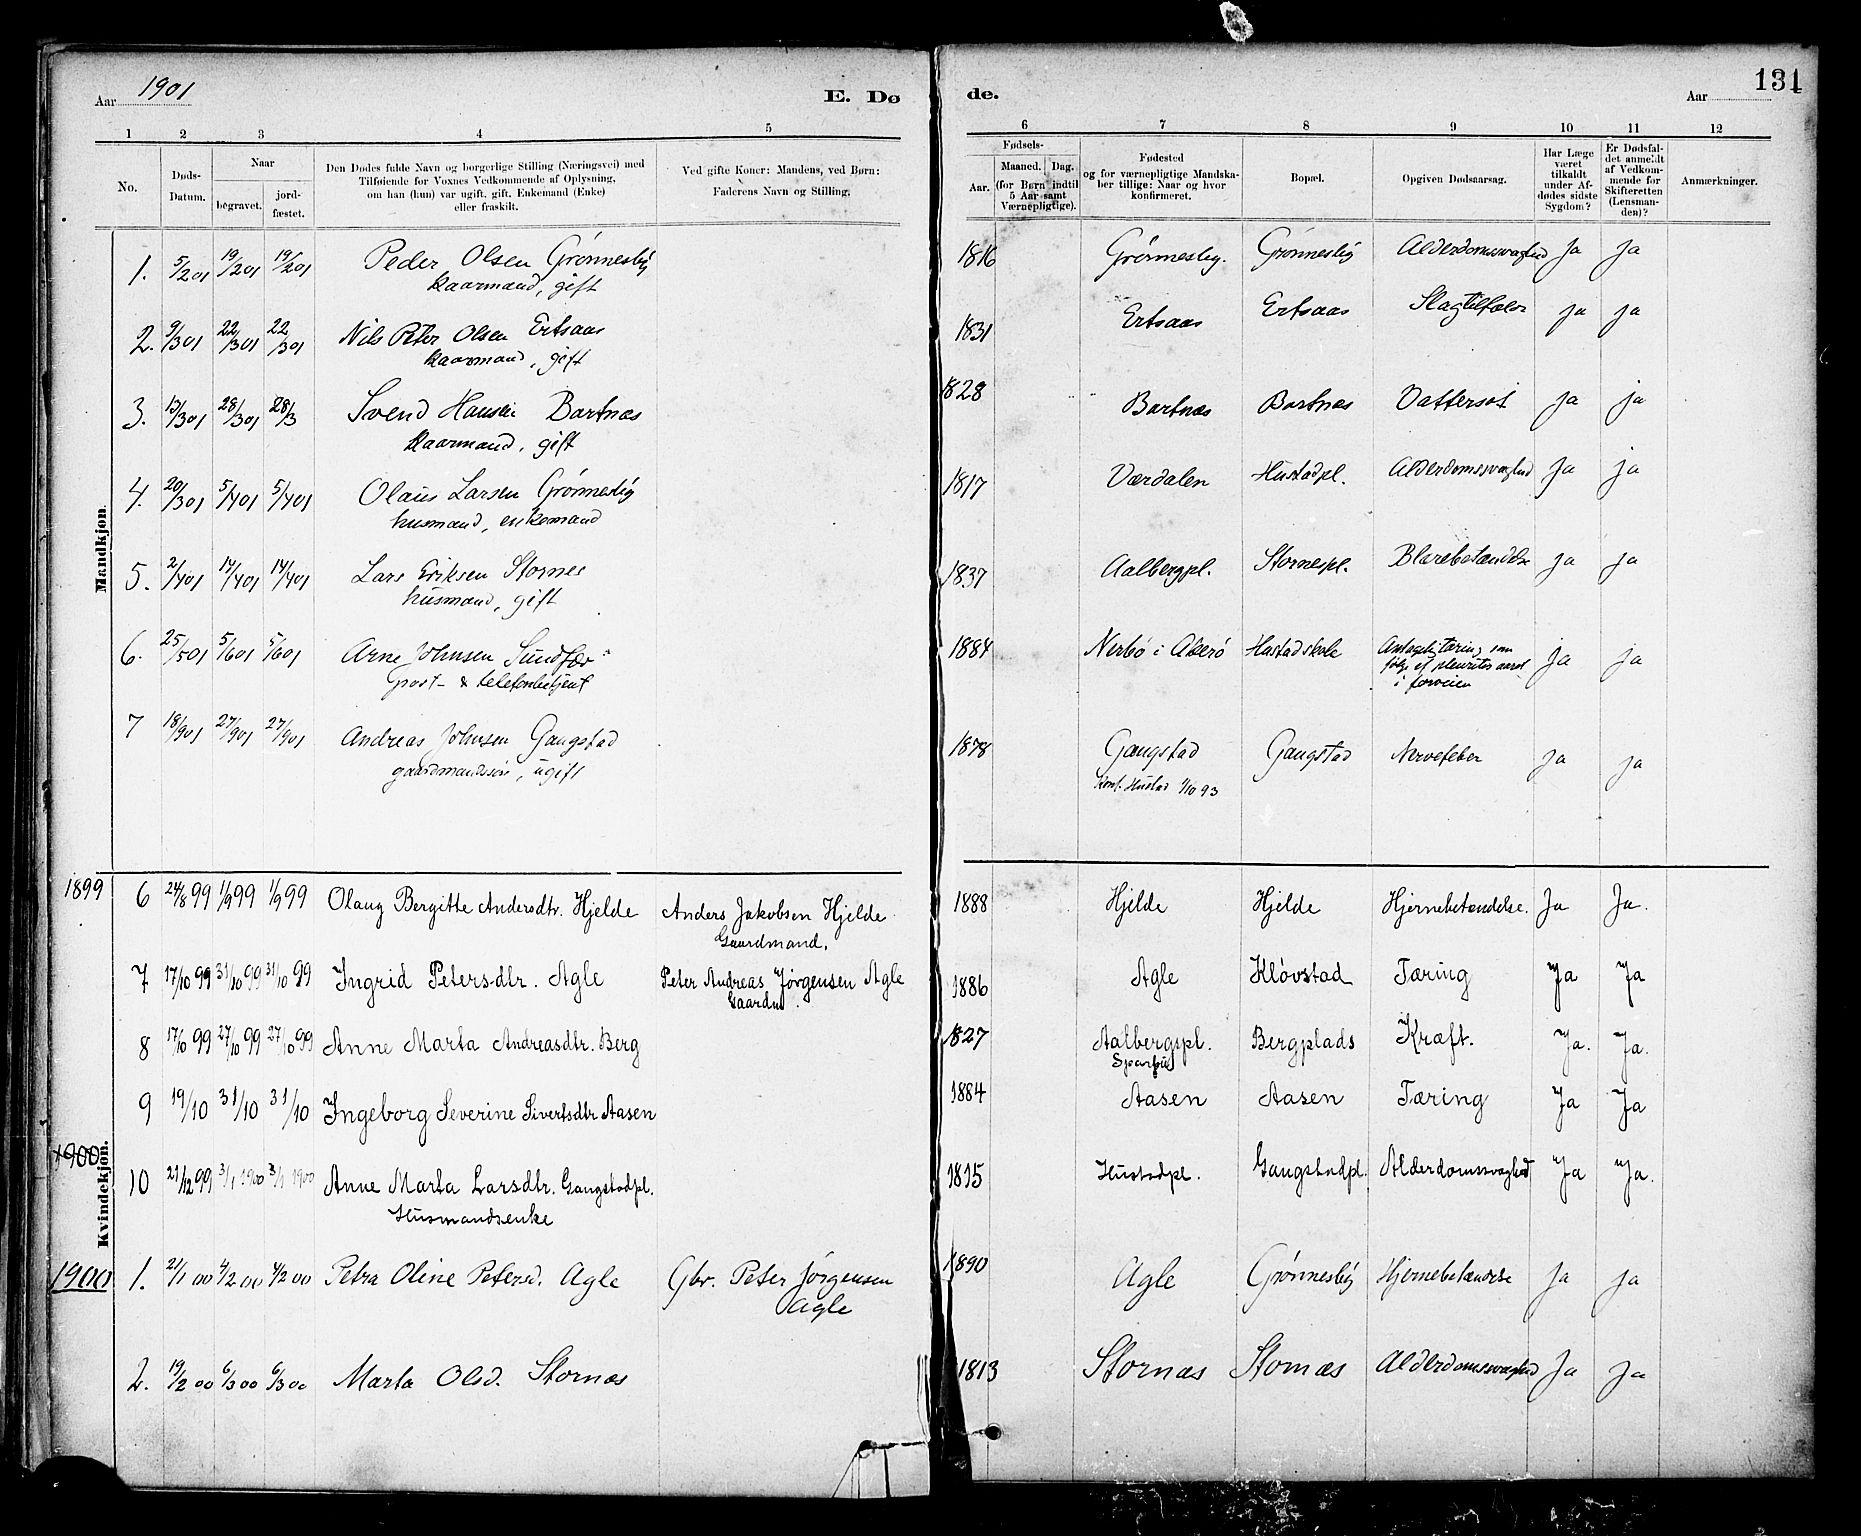 SAT, Ministerialprotokoller, klokkerbøker og fødselsregistre - Nord-Trøndelag, 732/L0318: Klokkerbok nr. 732C02, 1881-1911, s. 131